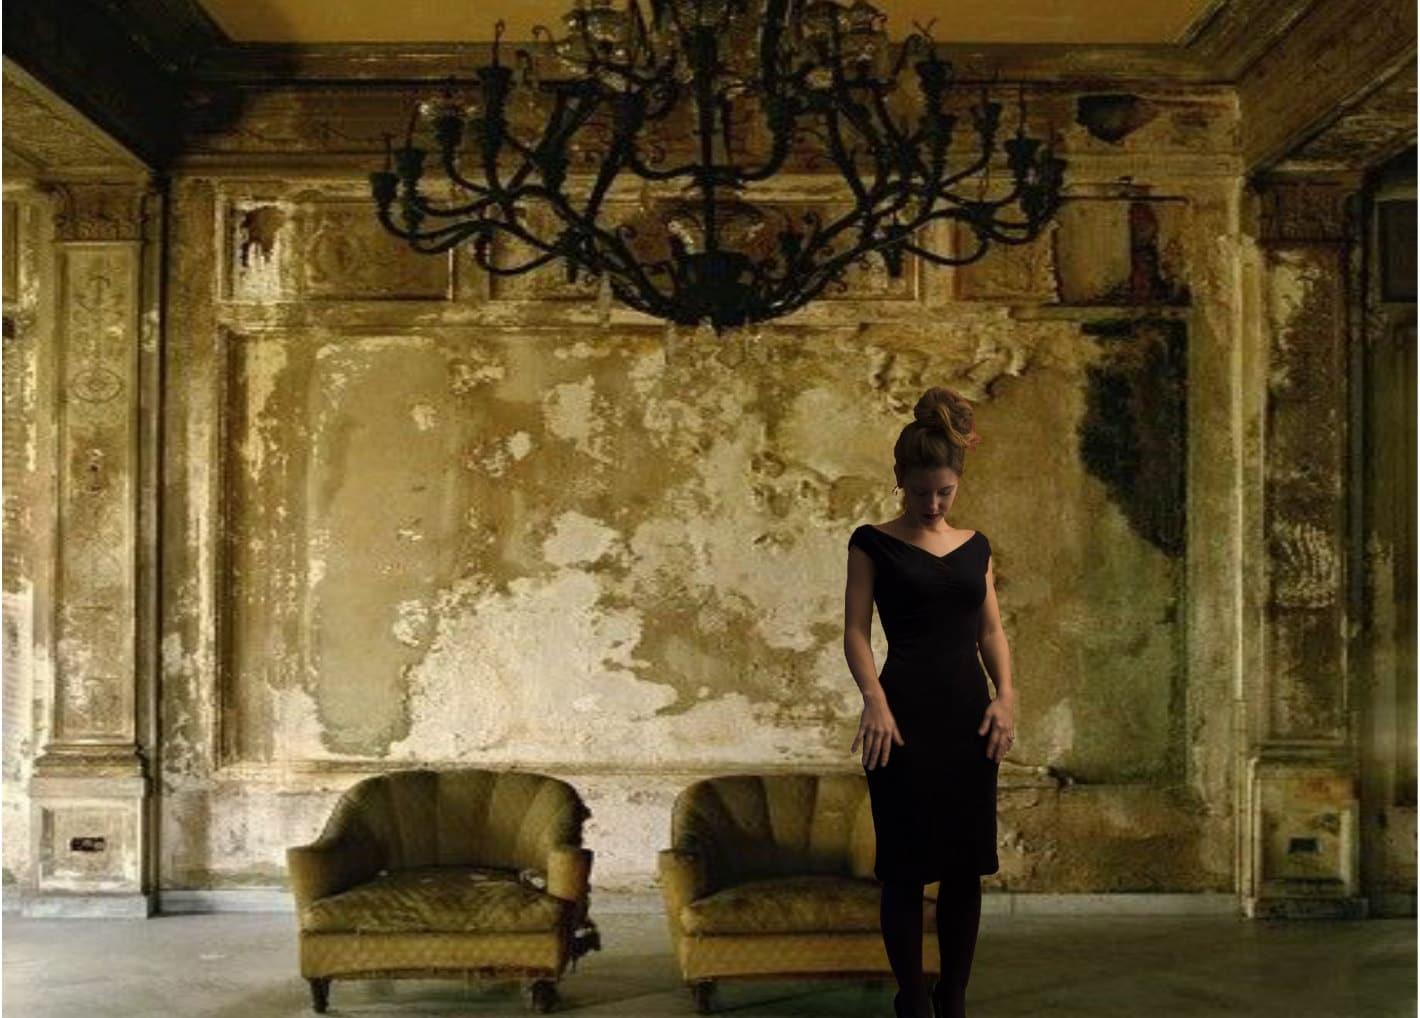 organic cotton velvet pencil dress;https://www.moyzoorganics.com/listing/511047217/organic-cotton-velvet-pencil-dress-tube